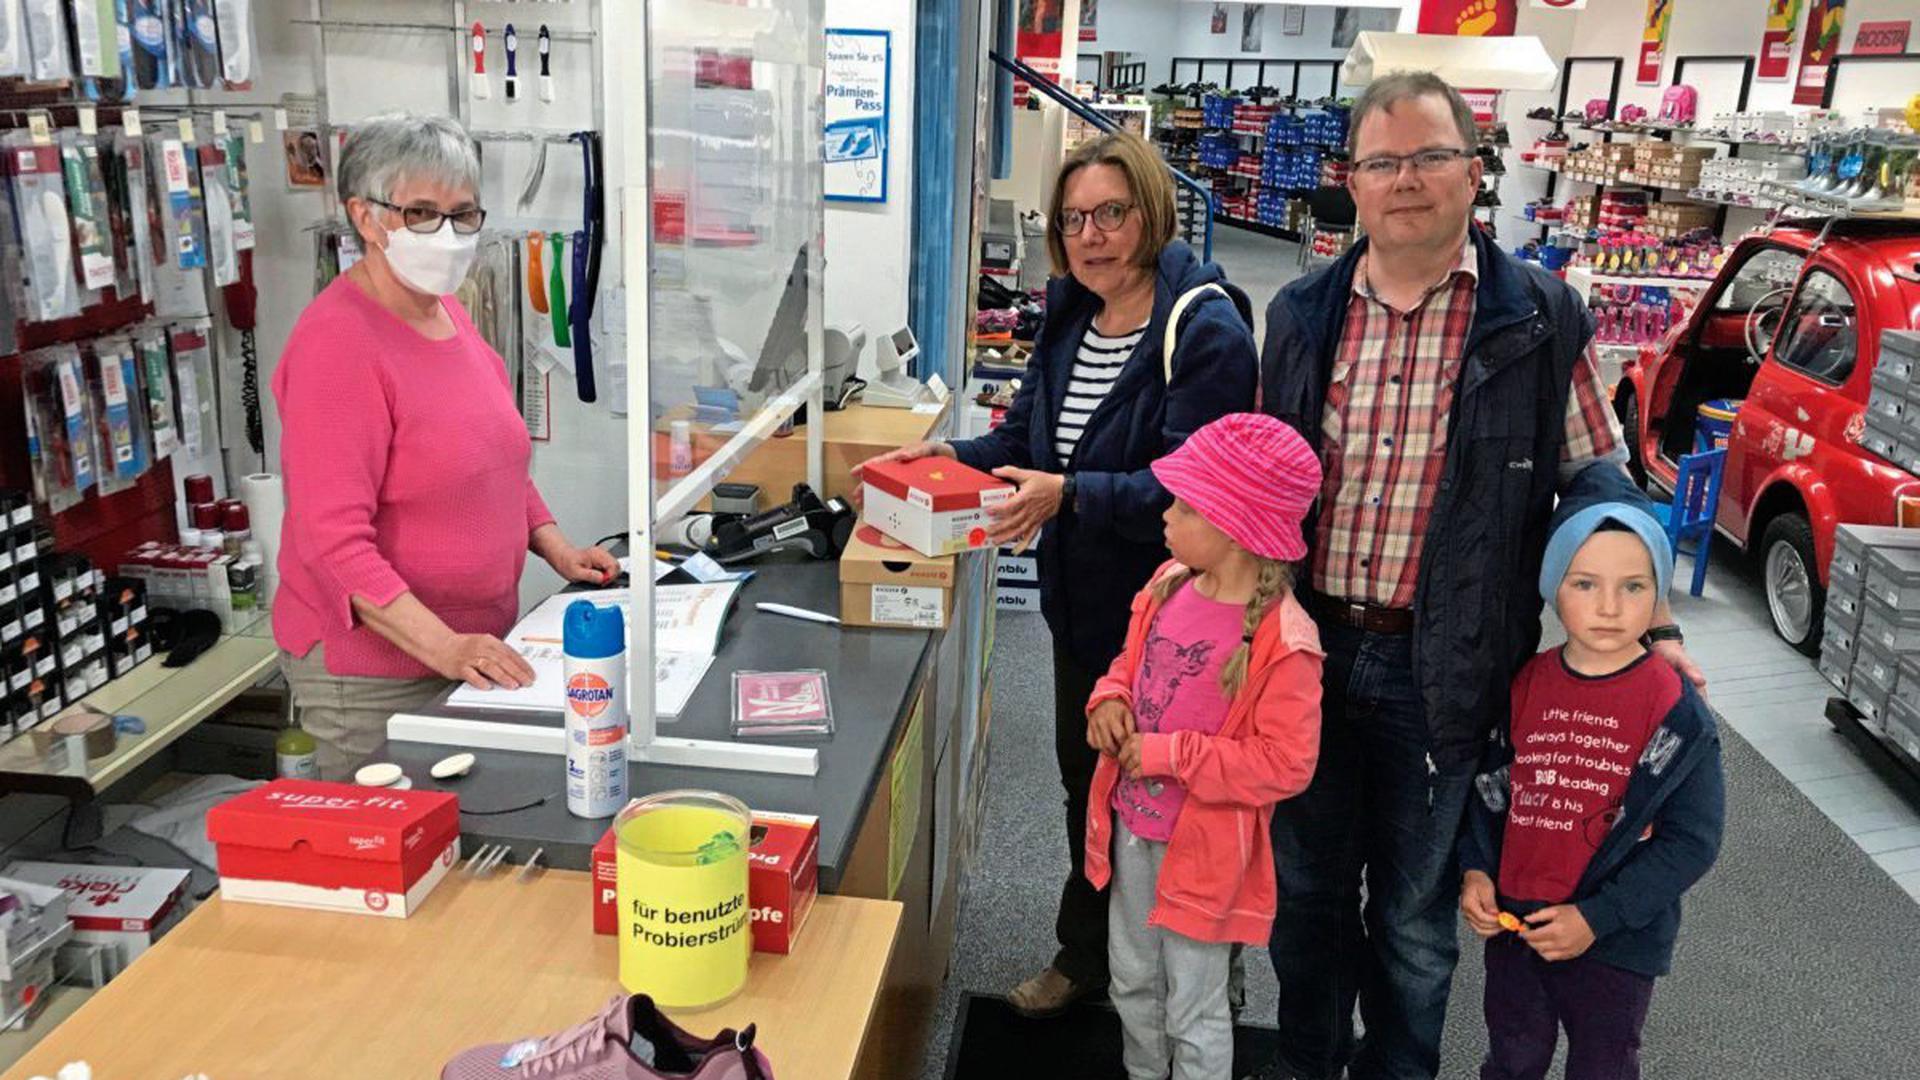 Einkaufserlebnis statt Online-Shopping: Familie Wolf aus Diedelsheim nutzt gleich den ersten Tag der Geschäftsöffnung, um bei Schuhmode Noll in der Brettener Fußgängerzone Sandalen für die Kinder zu kaufen.